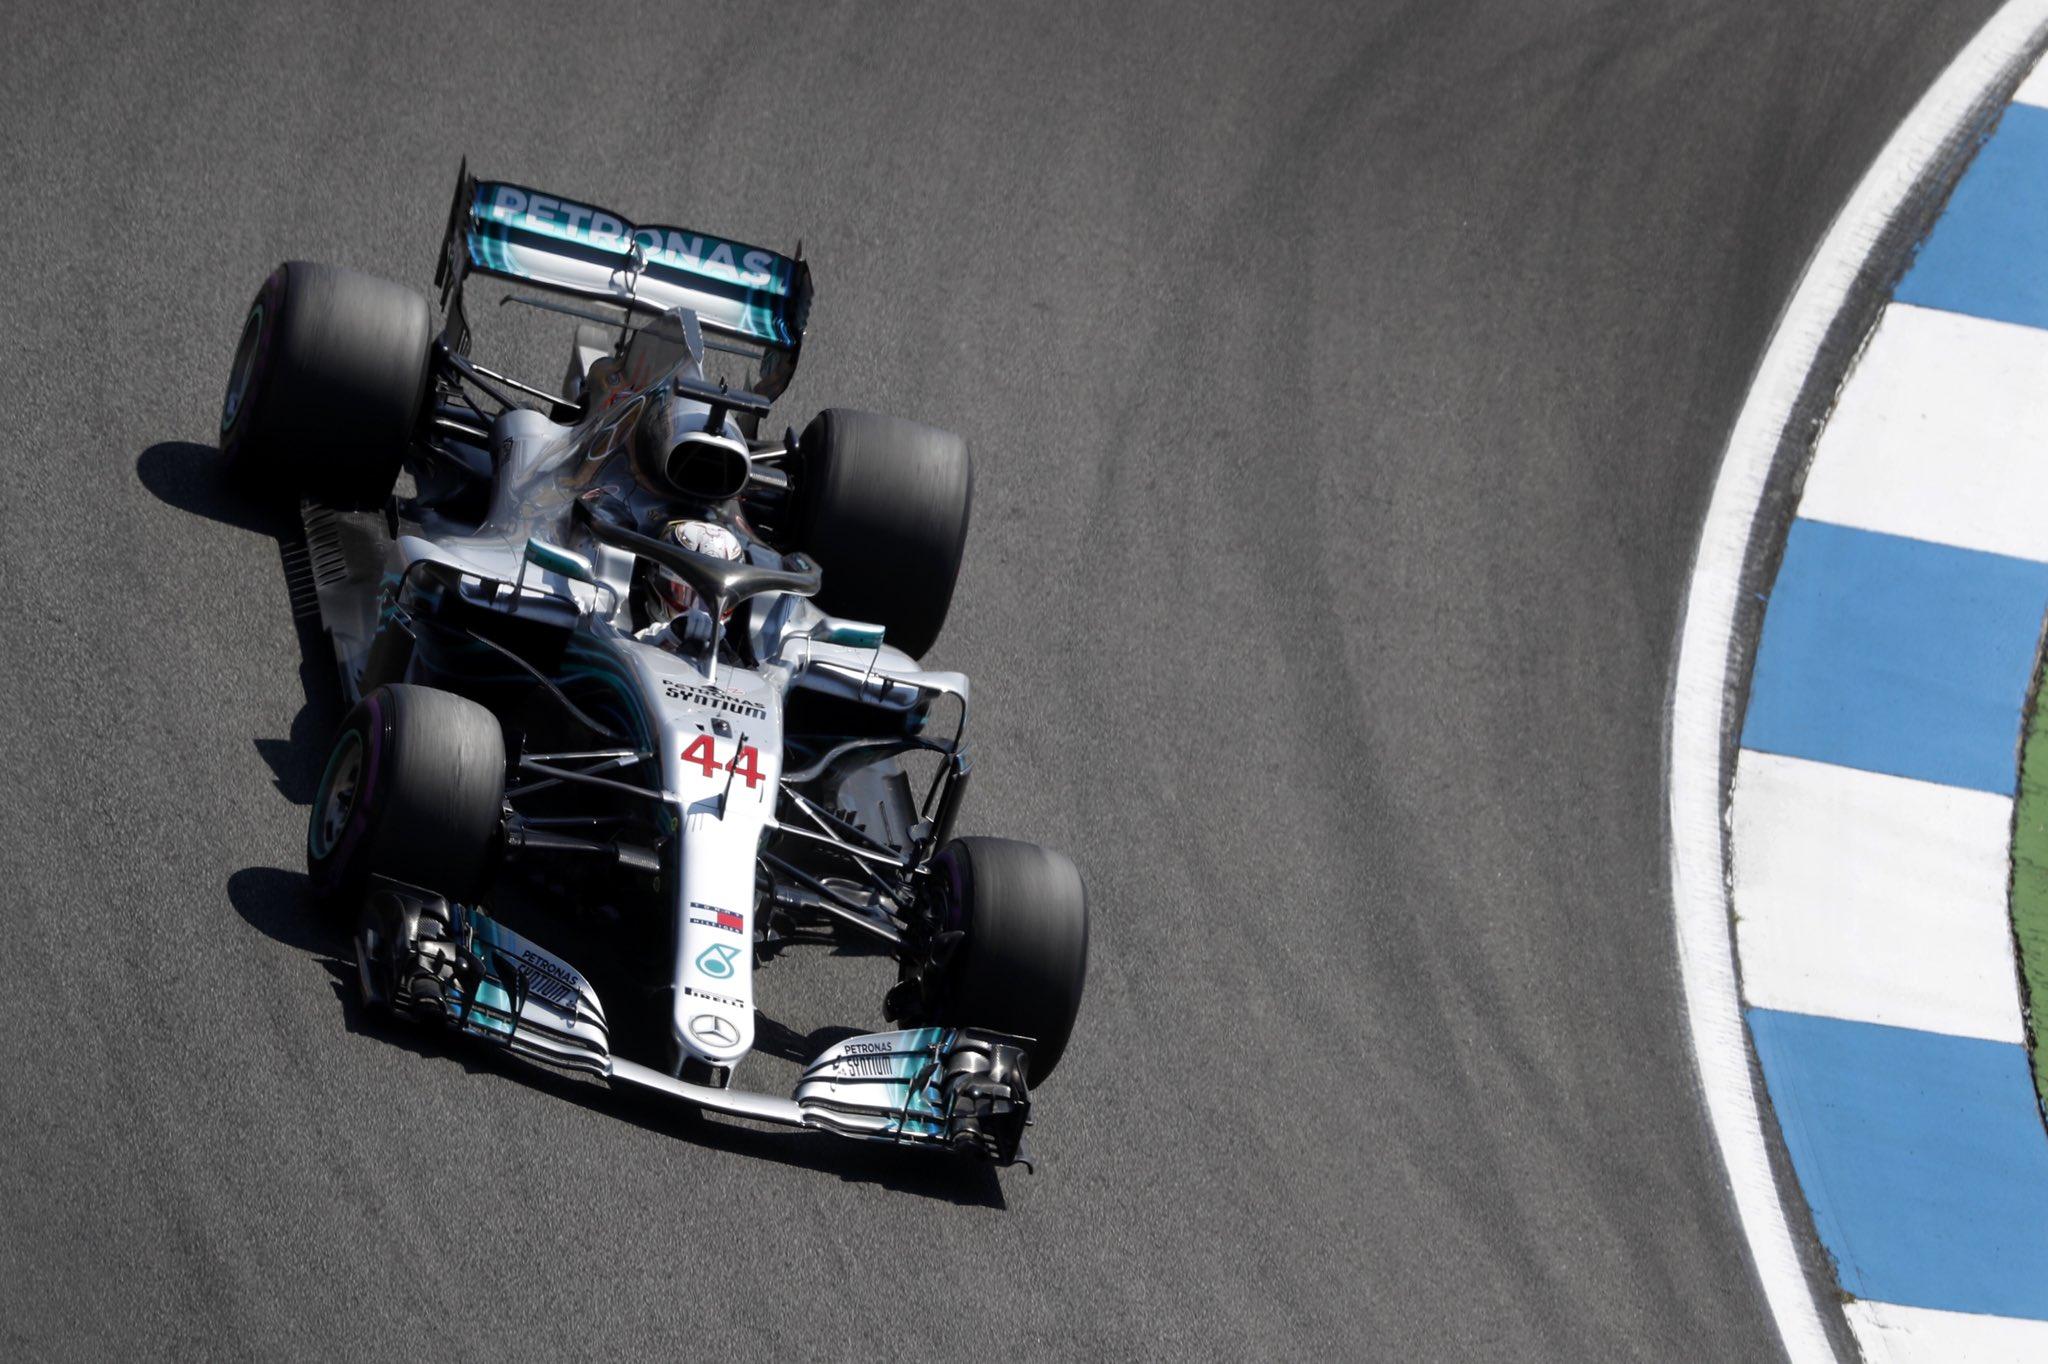 Льююис Хэмилтон за рулём болида команды Mercedes в Германии (2018 год)